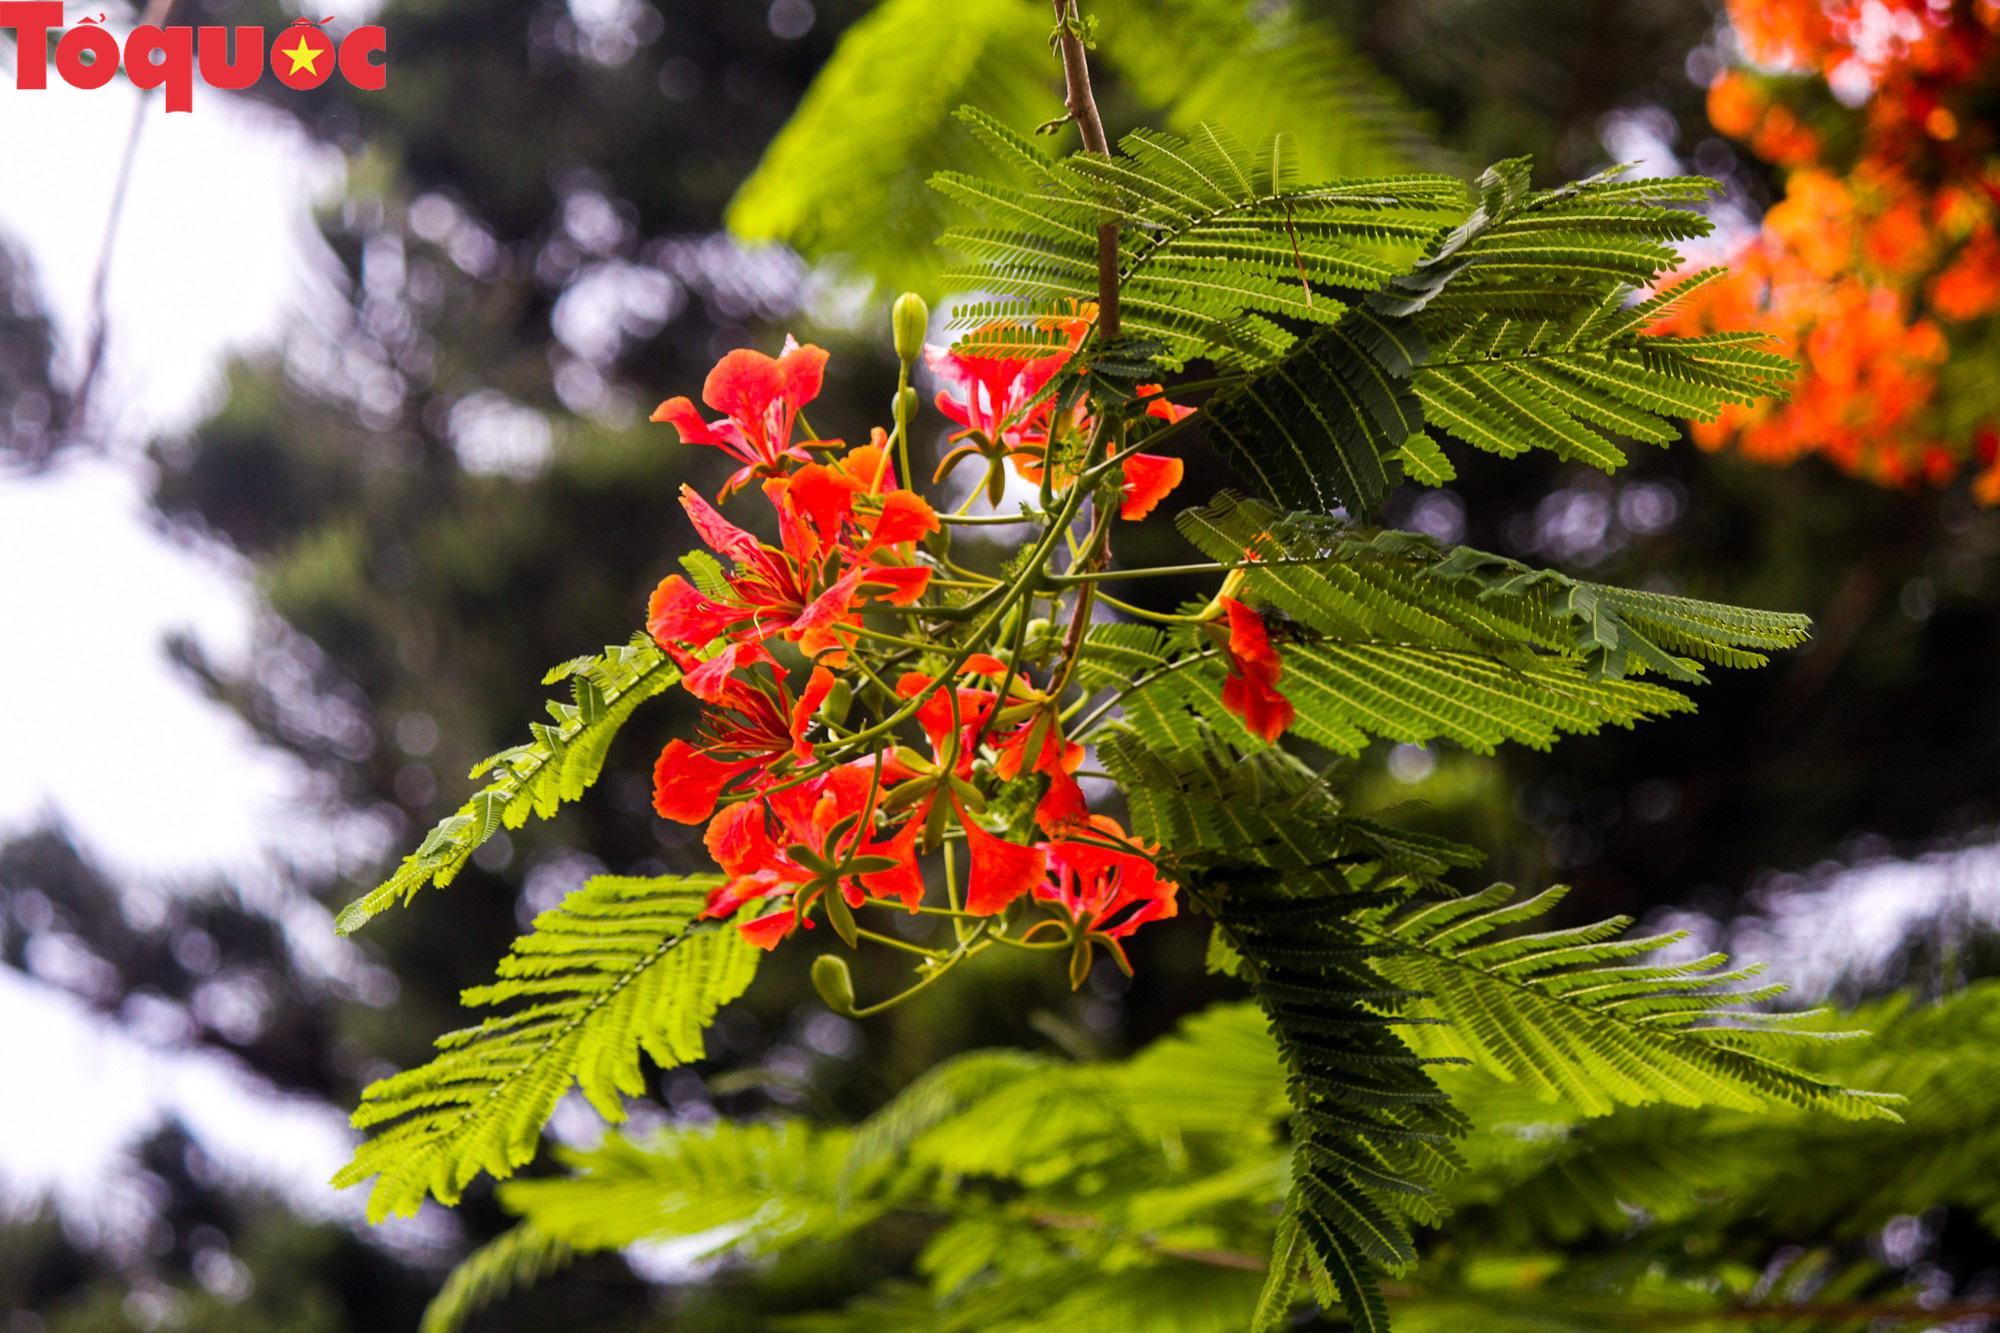 Đất trời xứ Huế đẹp rực rỡ trong mùa phượng vĩ nở hoa Ảnh 7